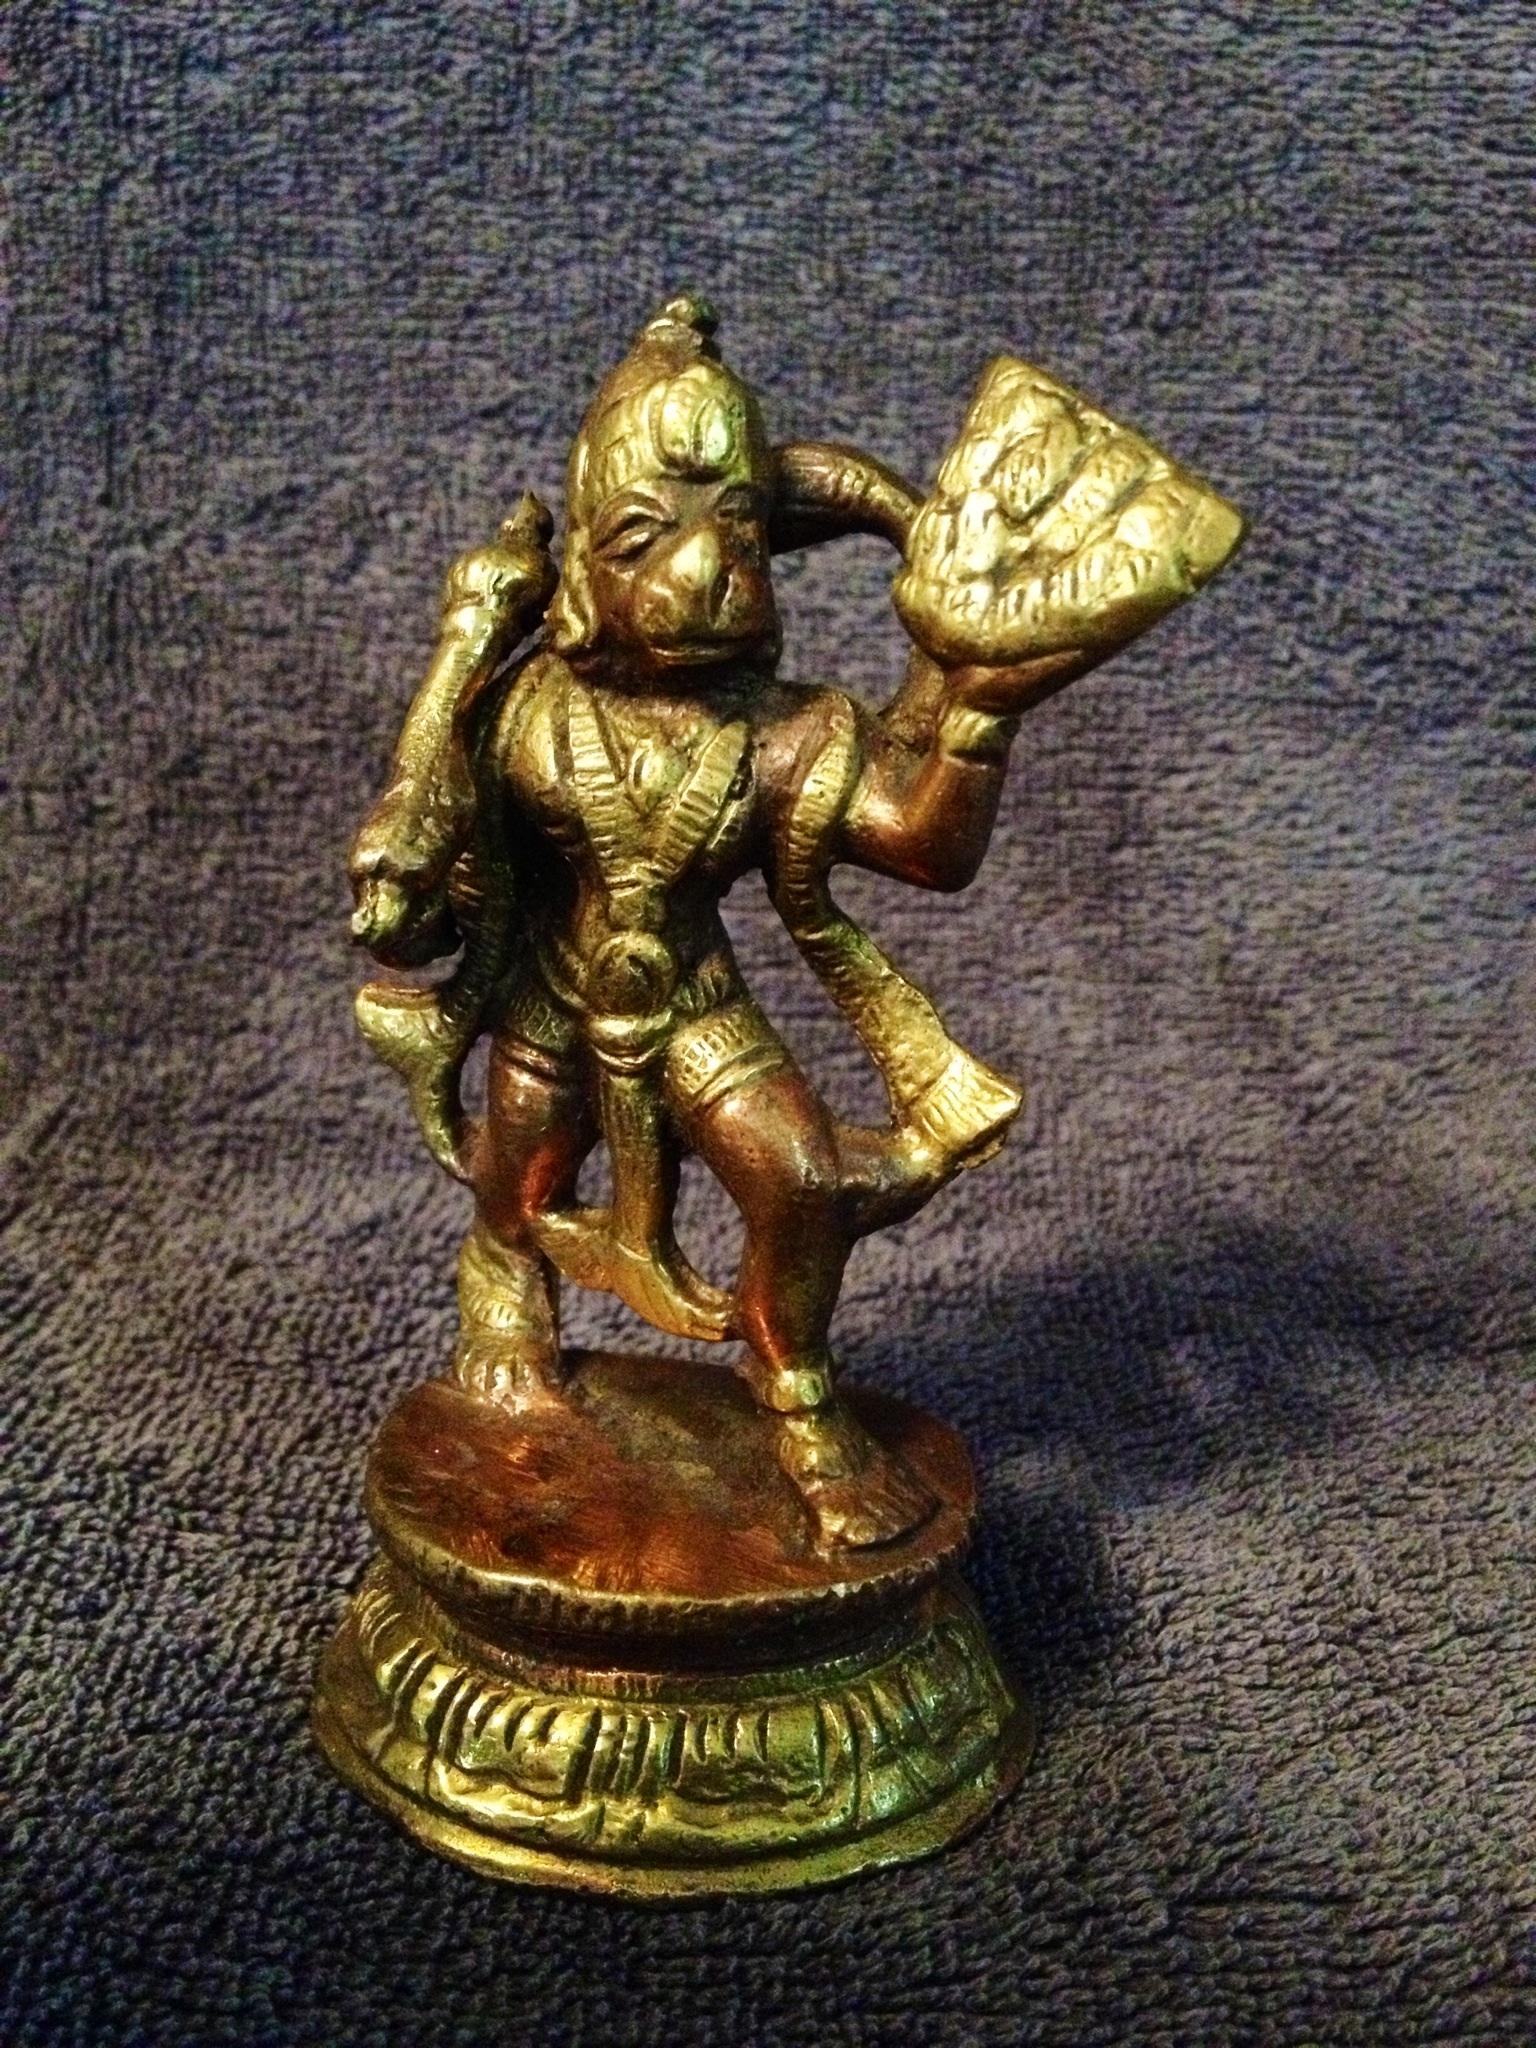 Lord Hanuman Carrying the Mountain of Herbs (Sanjeevani ...